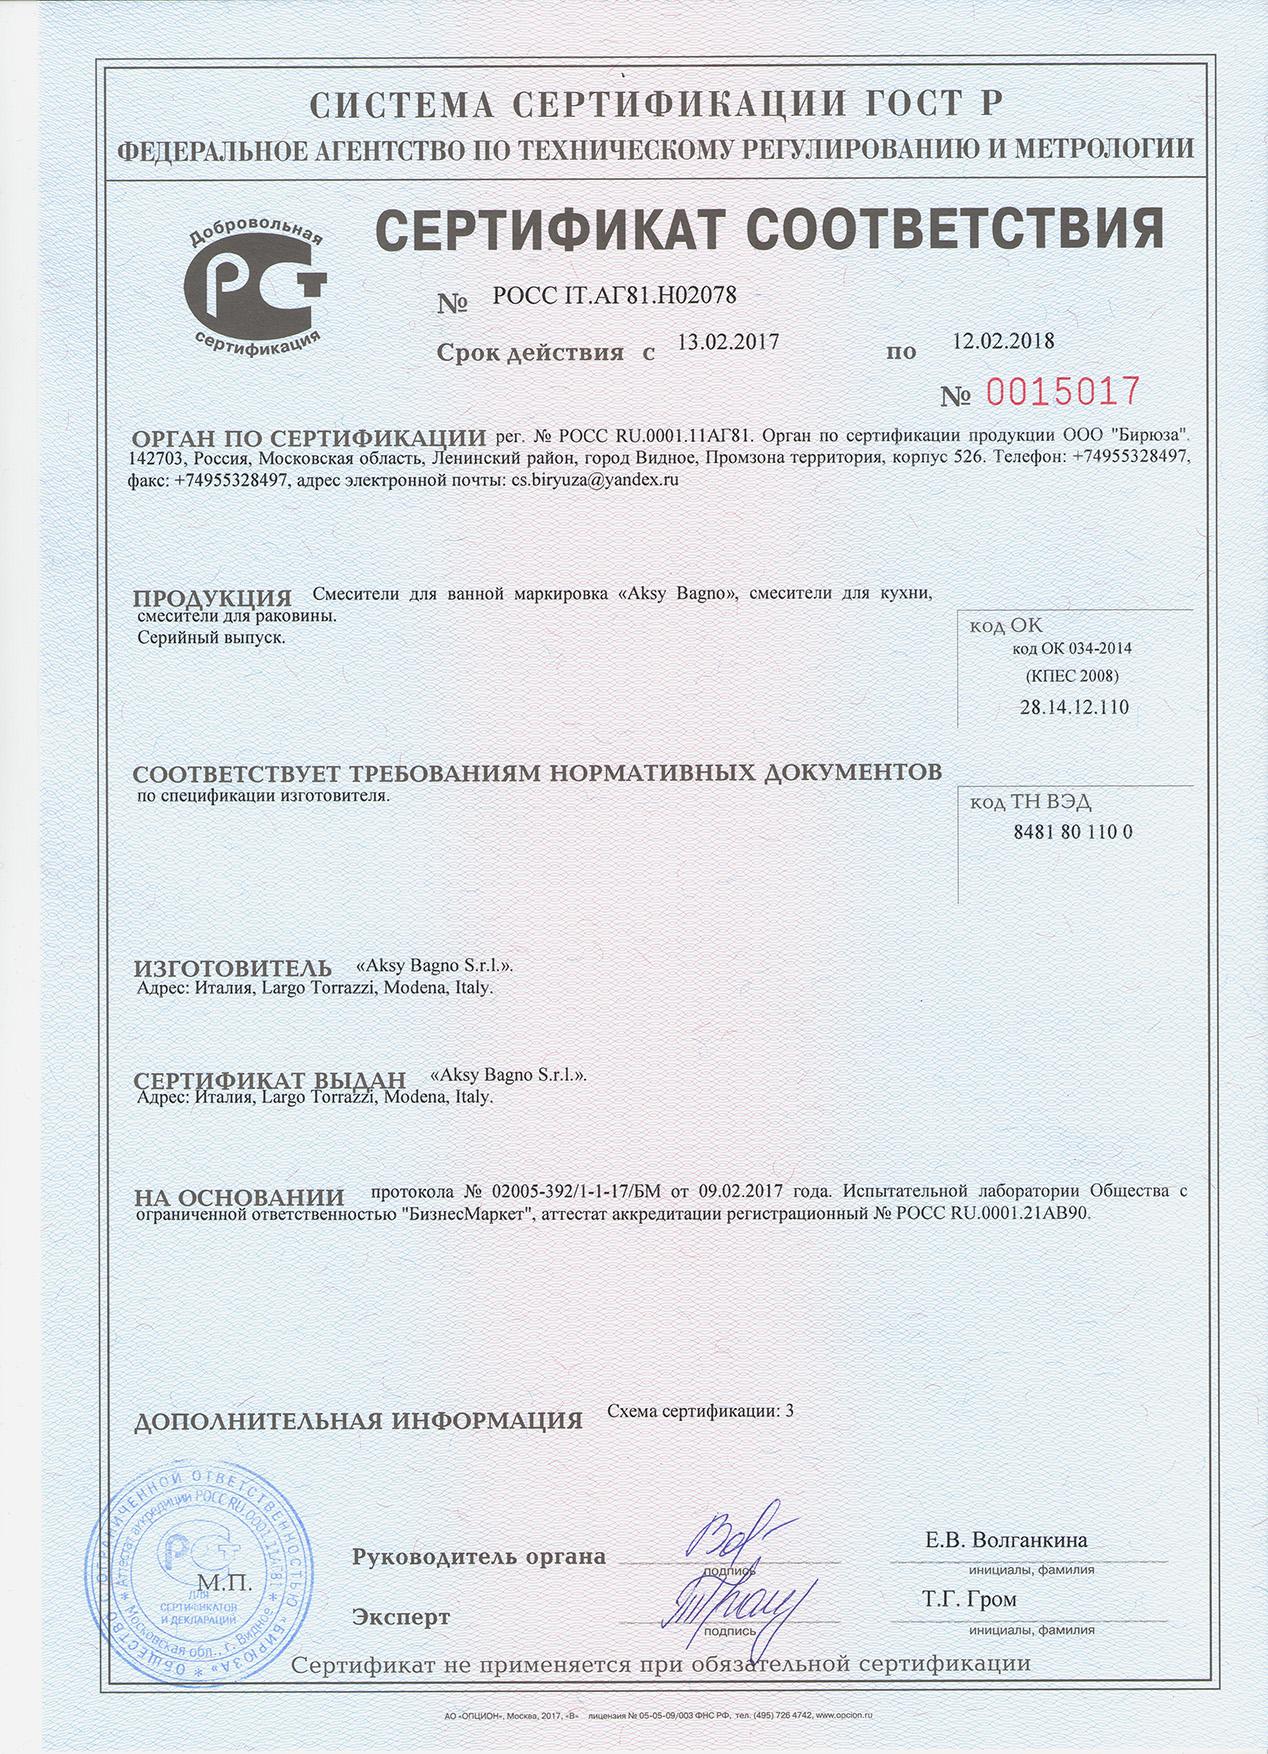 Сертификат качества смесителей